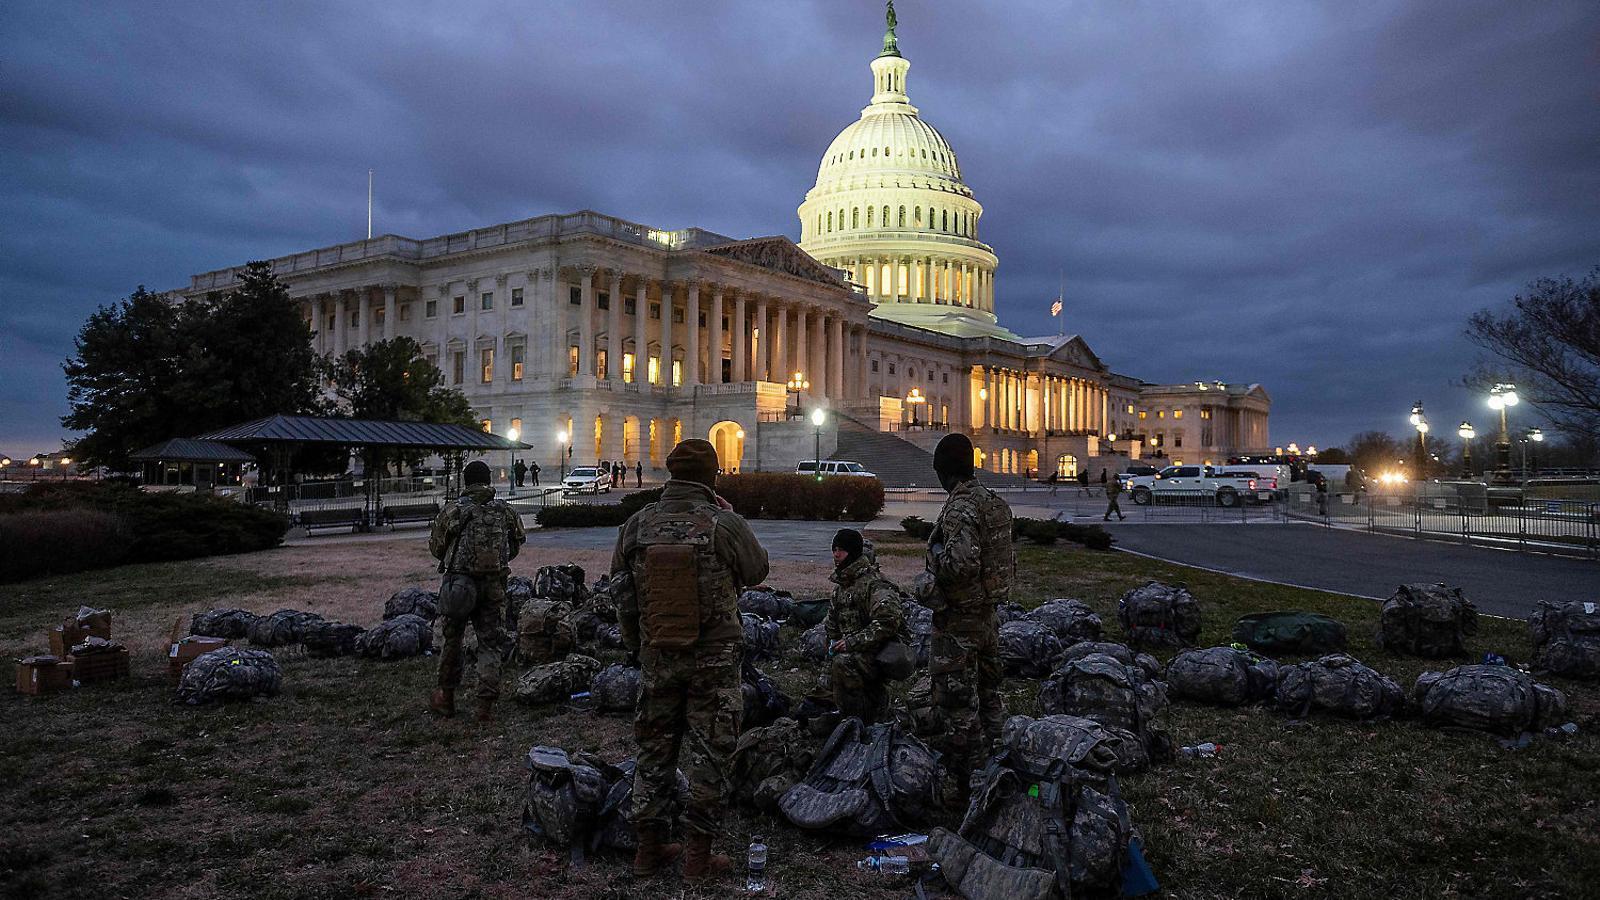 Soldats de la Guàrdia Nacional davant de l'edifici del Capitoli a Washington, blindat per a la cerimònia d'inauguració de la presidència de Joe Biden.